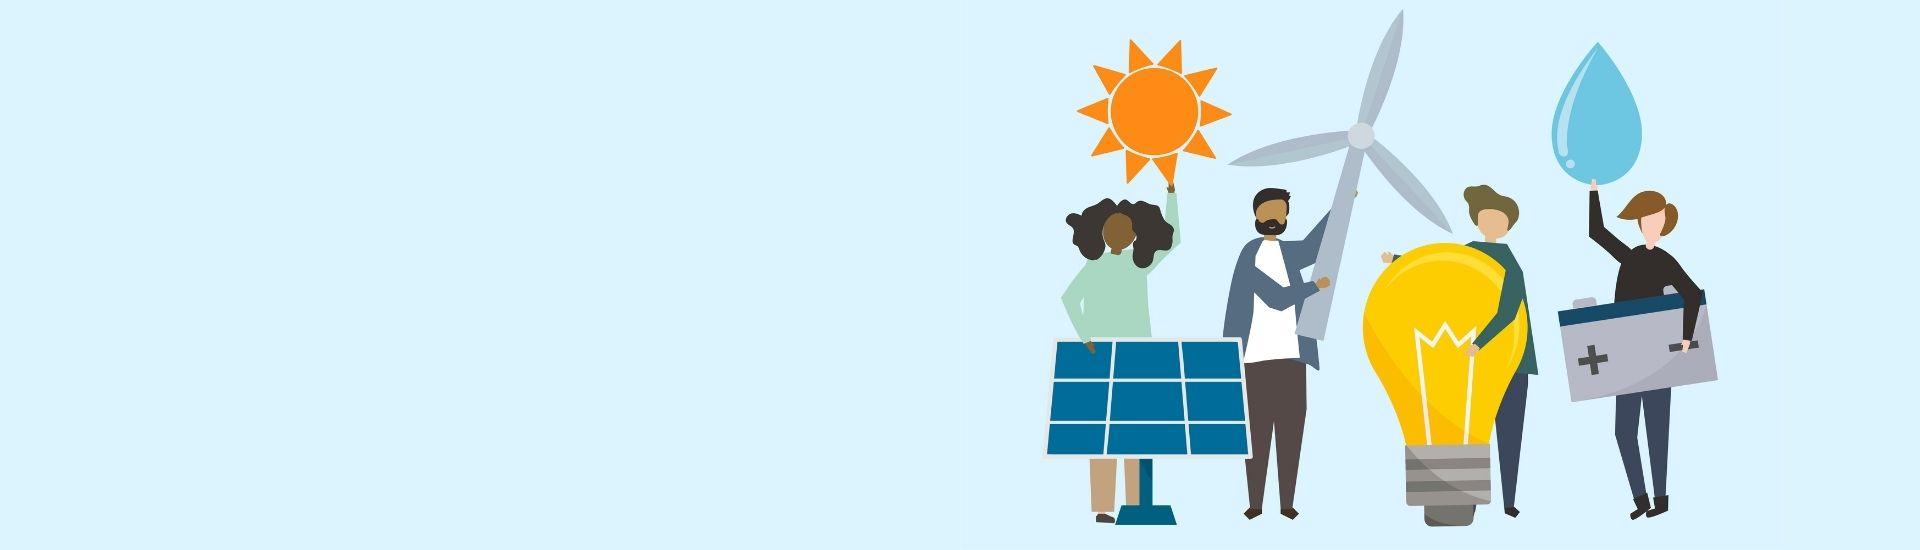 Imágenes de unas personas que sostienen elementos que pueden ayudar al cambio climático